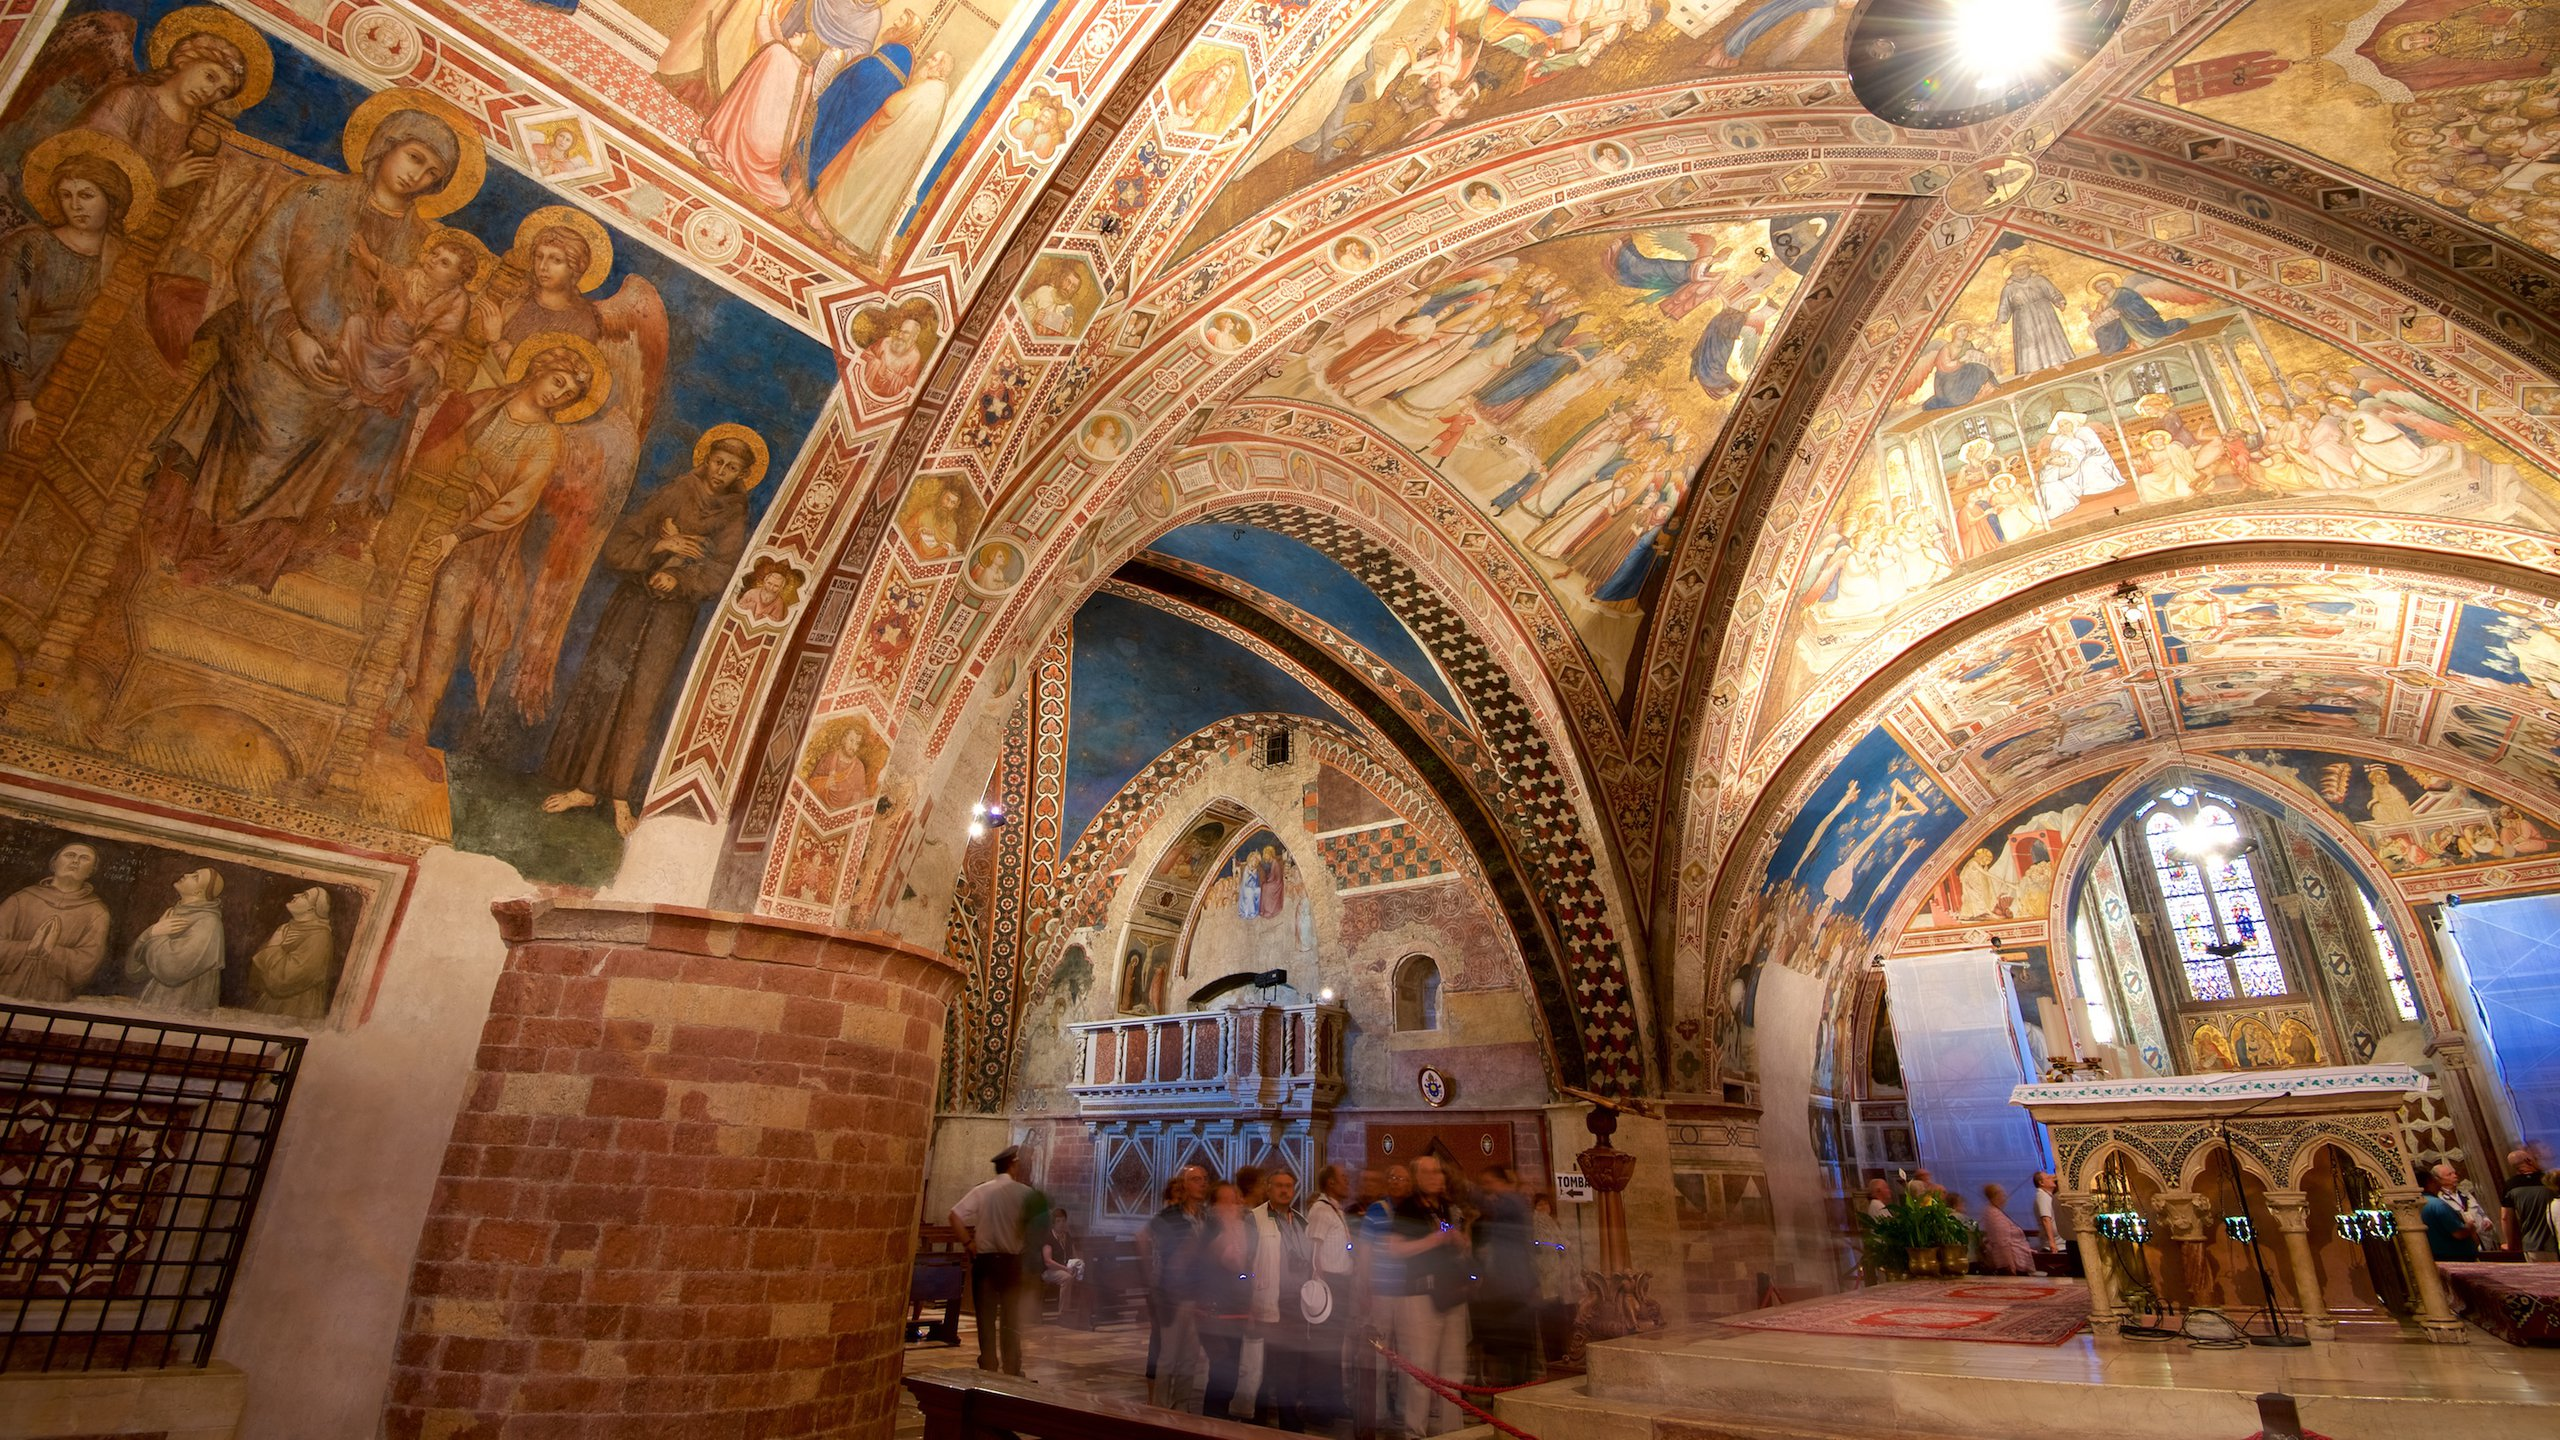 Päpstliche Basilika des heiligen Franziskus von Assissi, Assisi, Umbrien, Italien